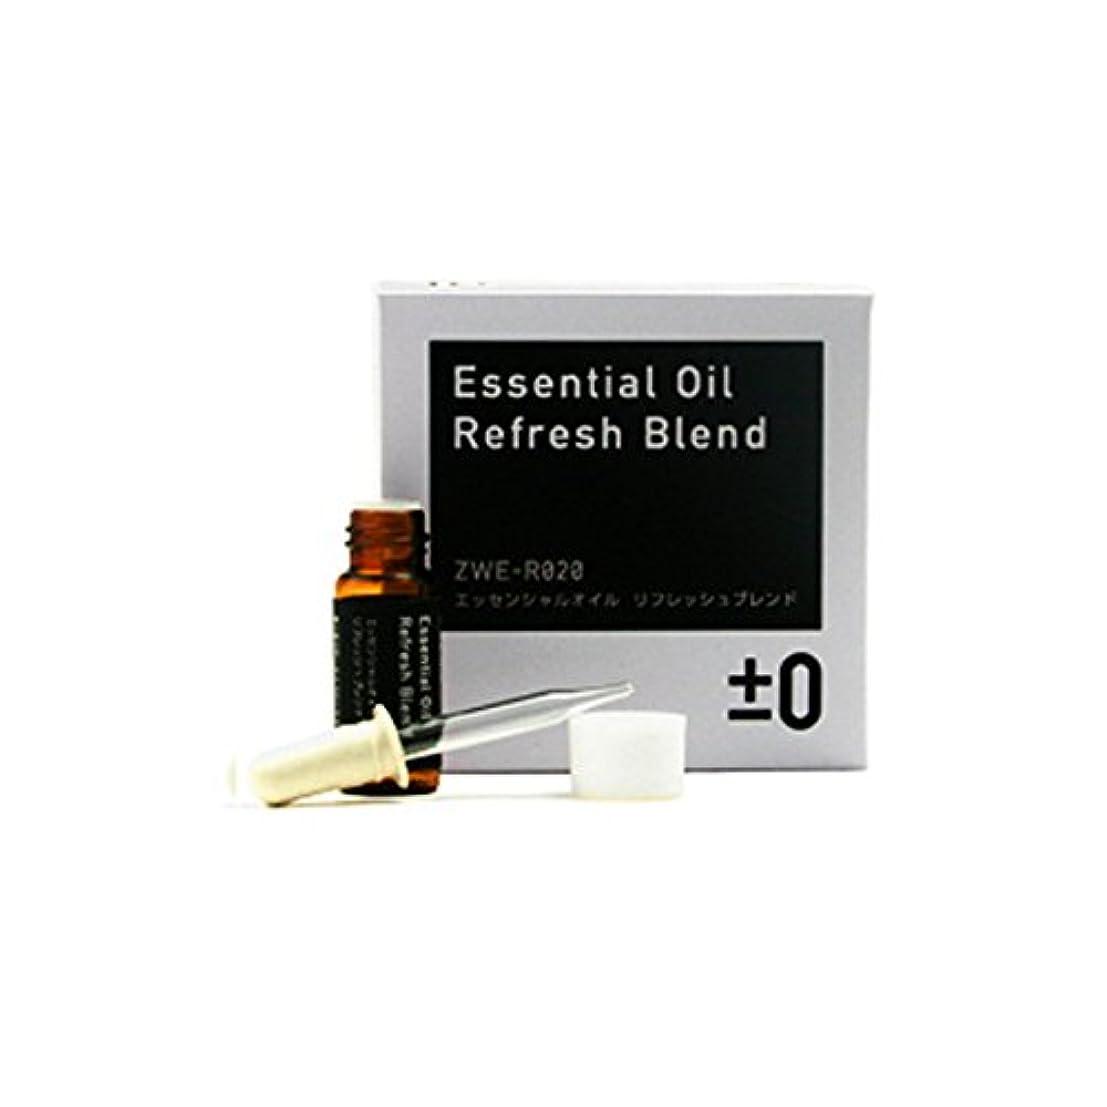 口述するキャプチャー落ち込んでいるプラスマイナスゼロ ±0 エッセンシャルオイル(リフレッシュブレンド)Essential Oil Refresh Blend